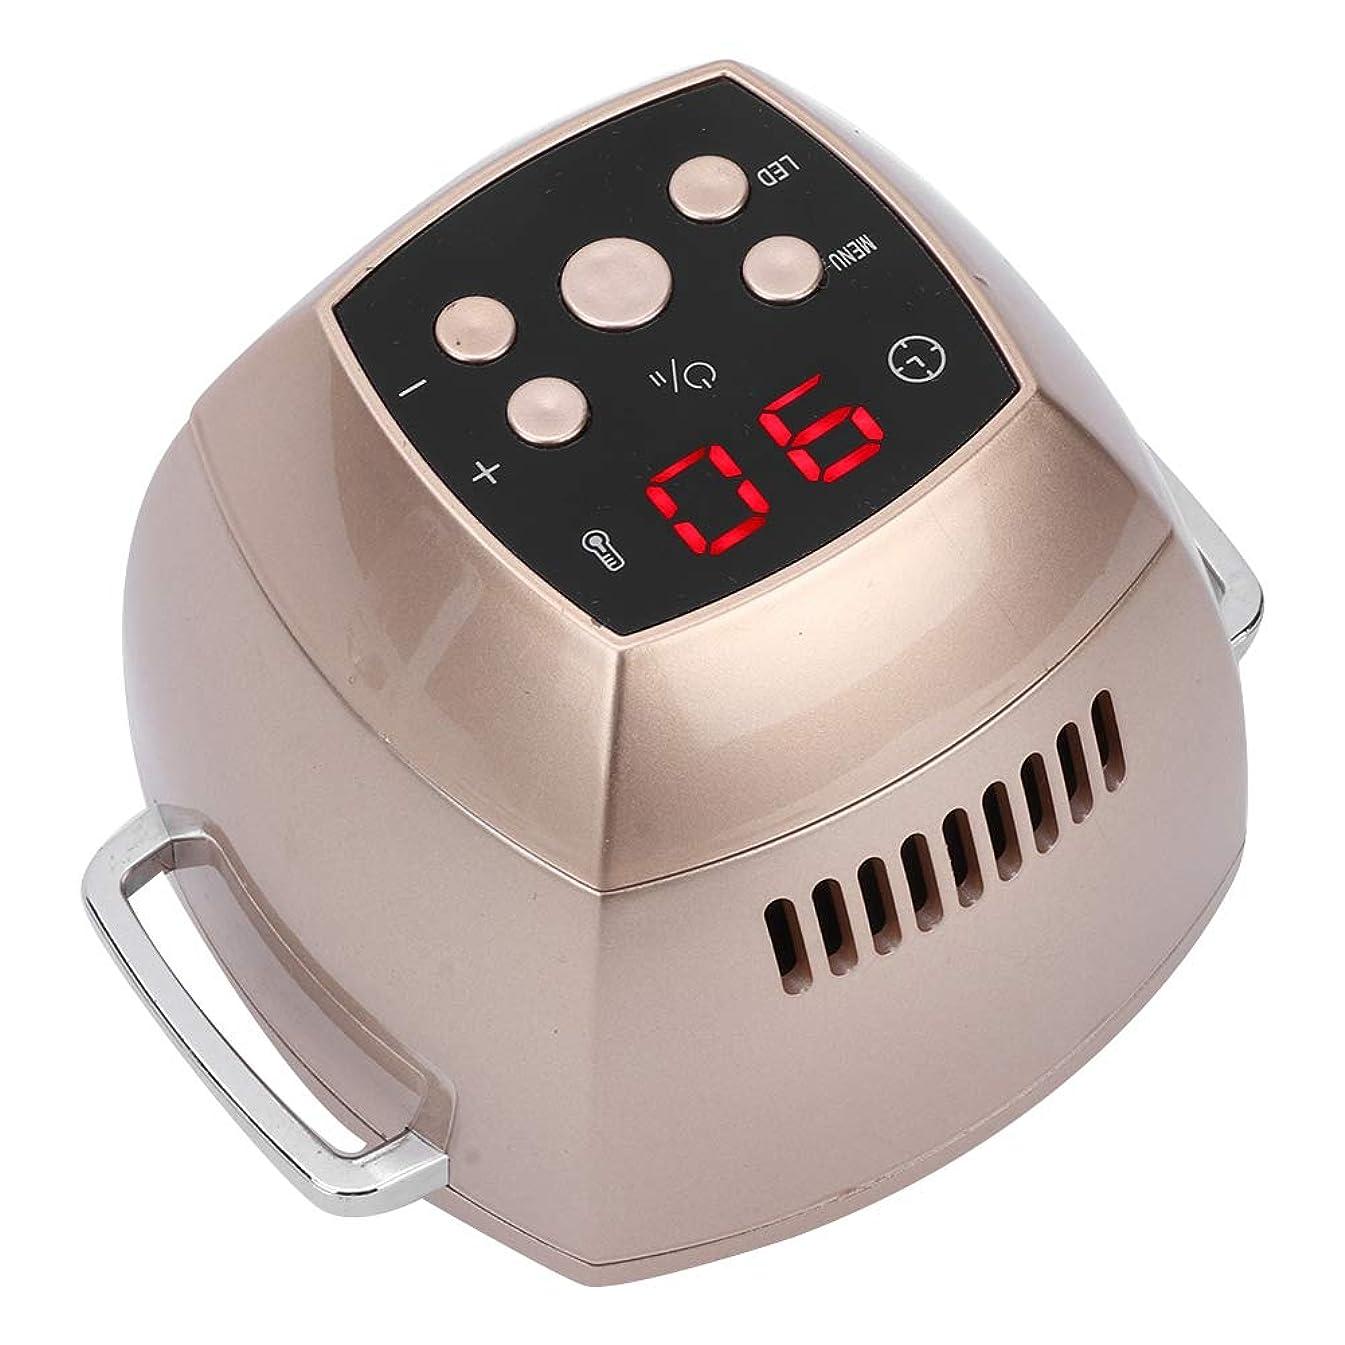 薄汚い関与する買い物に行く疼痛緩和治療、健康、無煙、安全かつインテリジェントな遠隔制御のためのインテリジェント電子灸装置(US Plug)